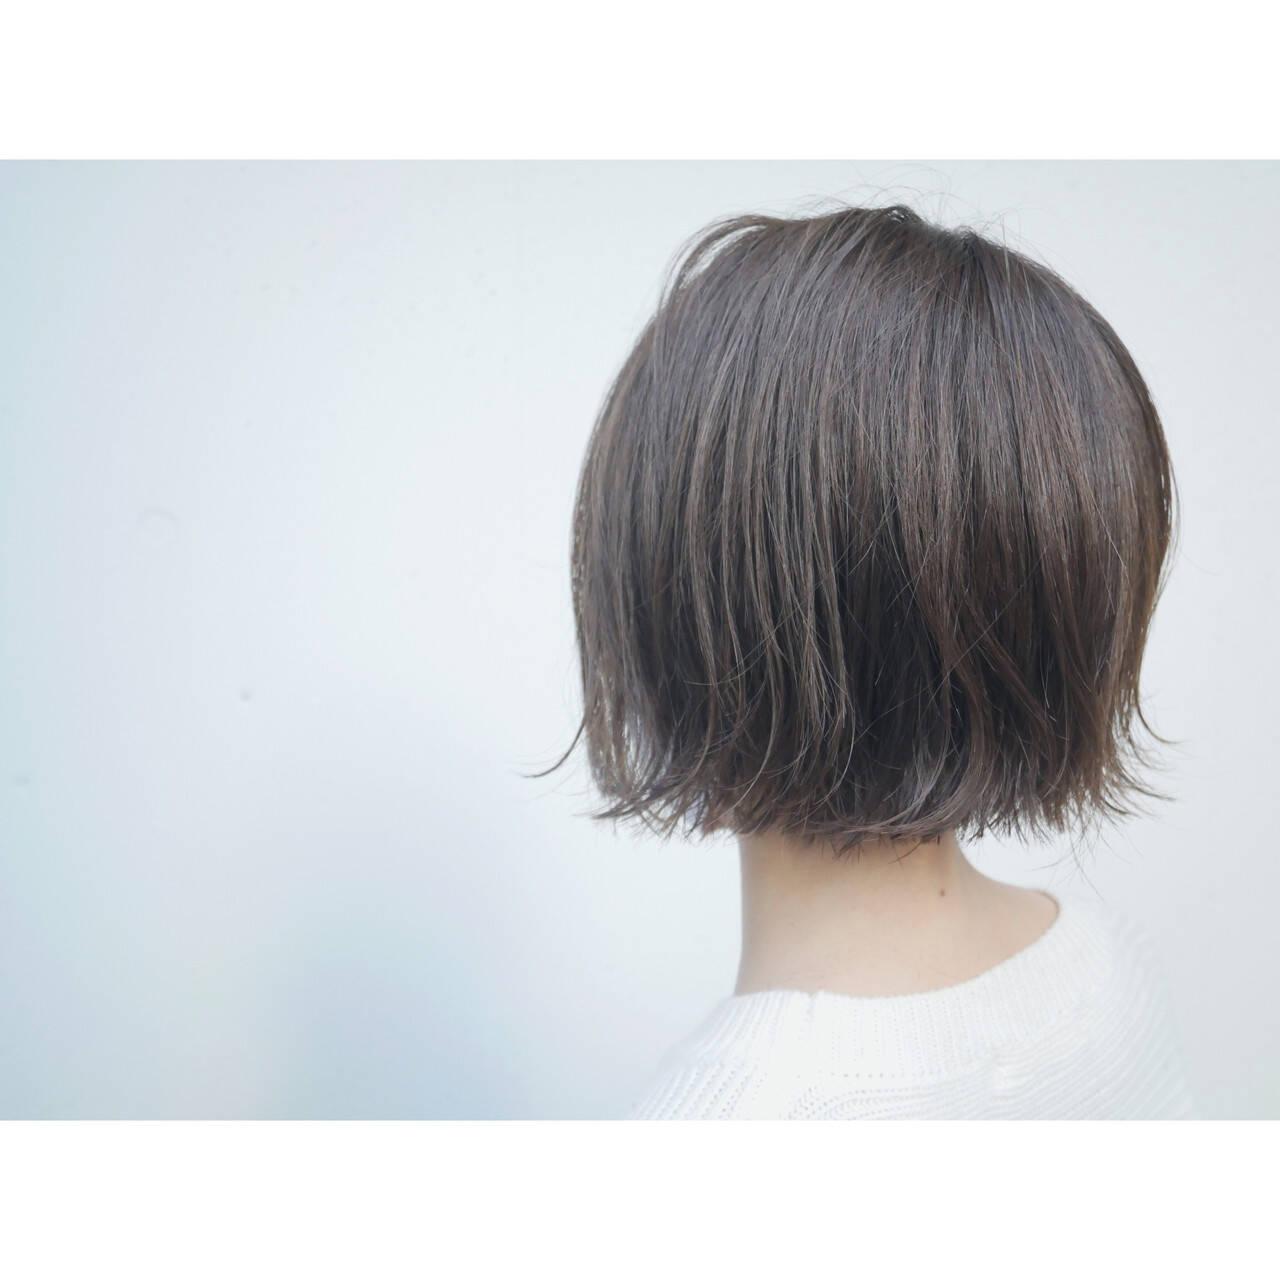 ミニボブ ボブ ショートヘア ショートボブヘアスタイルや髪型の写真・画像